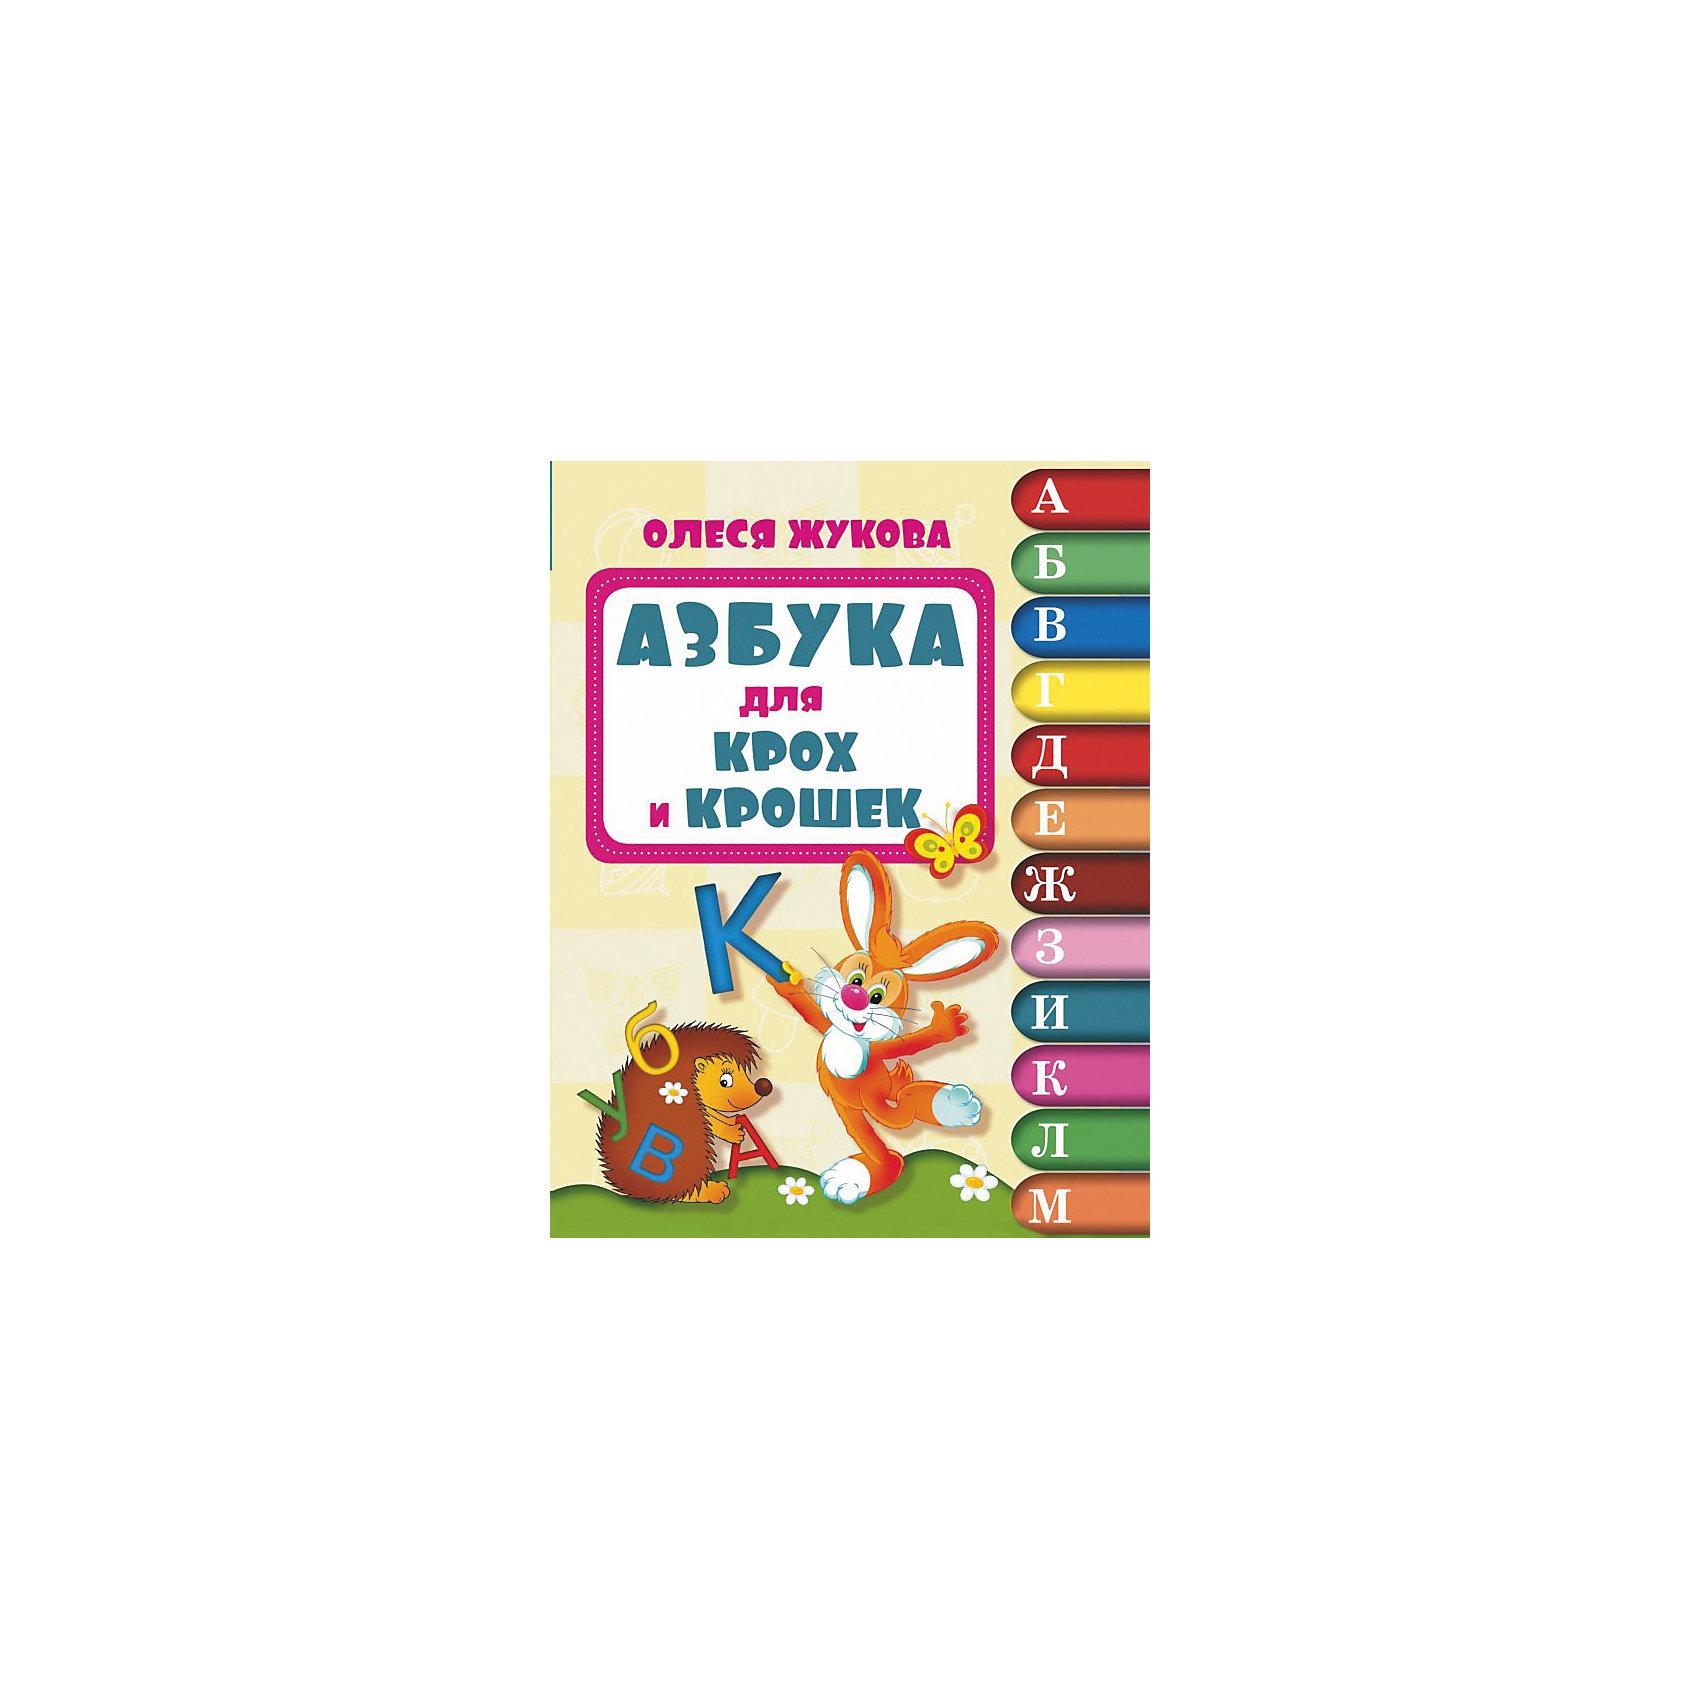 Азбука для крох и крошек, Олеся ЖуковаАзбуки<br>Эта Азбука — незаменимый помощник для родителей и педагогов, которые хотят помочь малышу поскорее выучить буквы родного языка. Яркие, весёлые картинки превратят первые уроки чтения в любимую игру. Рассматривая картинки, ребёнок быстро начнёт повторять вслед за вами свои первые слова и предложения. Пусть эта книга поможет вашим детям стать умными и талантливыми, учиться весело и с удовольствием!<br><br>Ширина мм: 210<br>Глубина мм: 162<br>Высота мм: 50<br>Вес г: 117<br>Возраст от месяцев: 12<br>Возраст до месяцев: 36<br>Пол: Унисекс<br>Возраст: Детский<br>SKU: 6848235